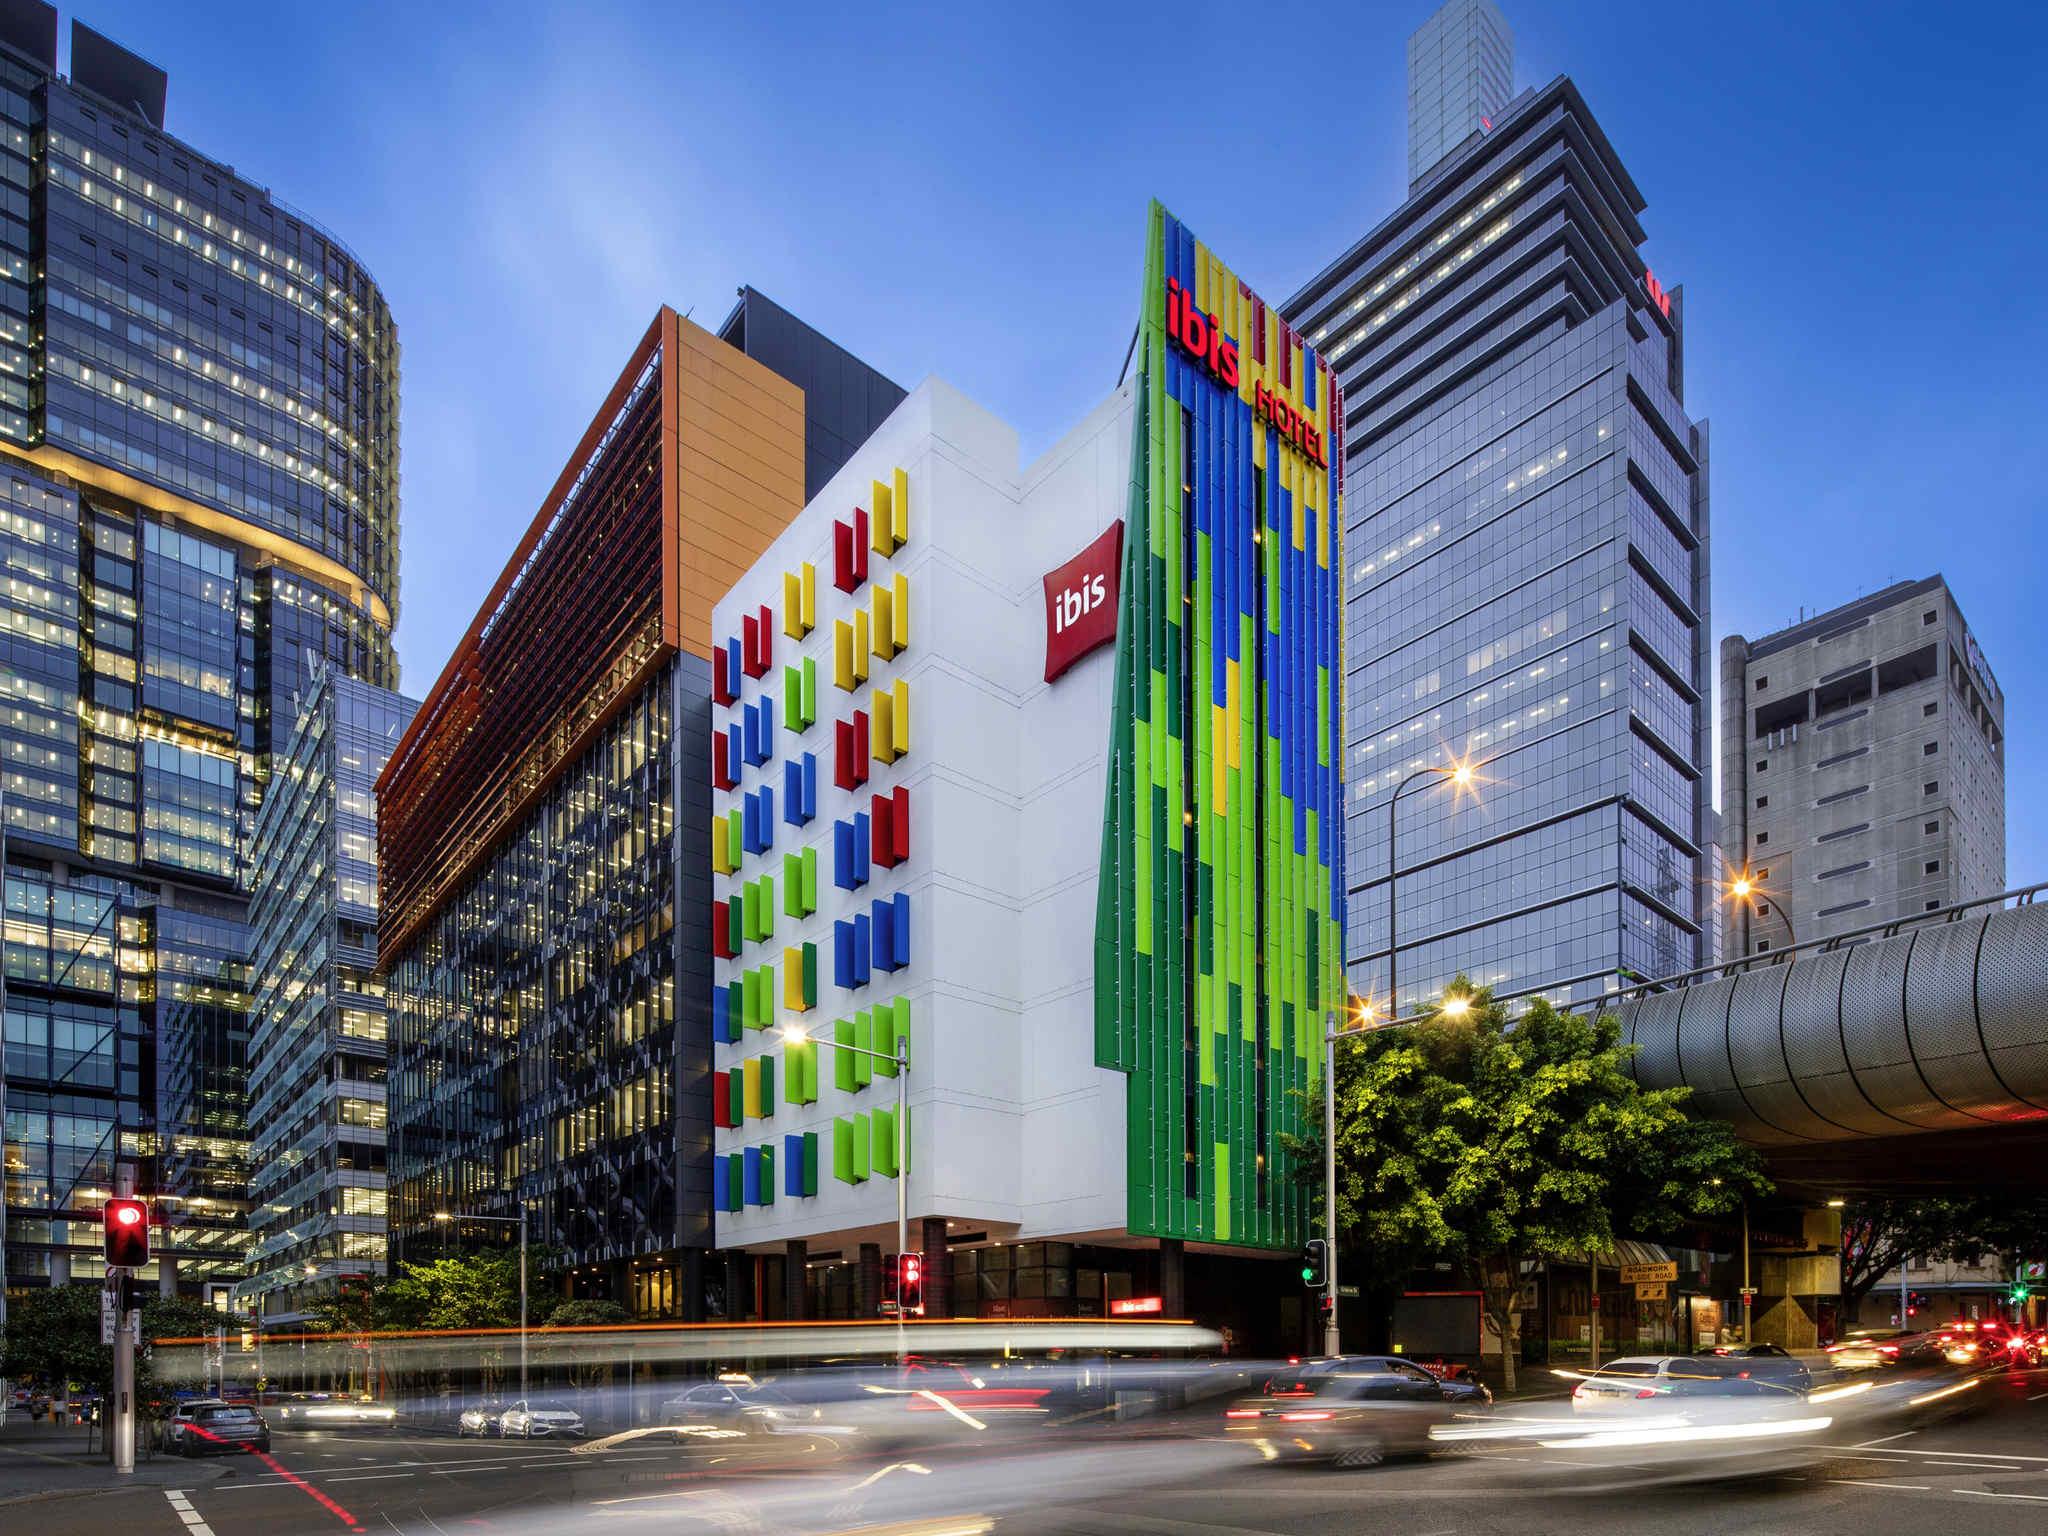 โรงแรม – ไอบิส ซิดนีย์ คิงสตรีท วอร์ฟ